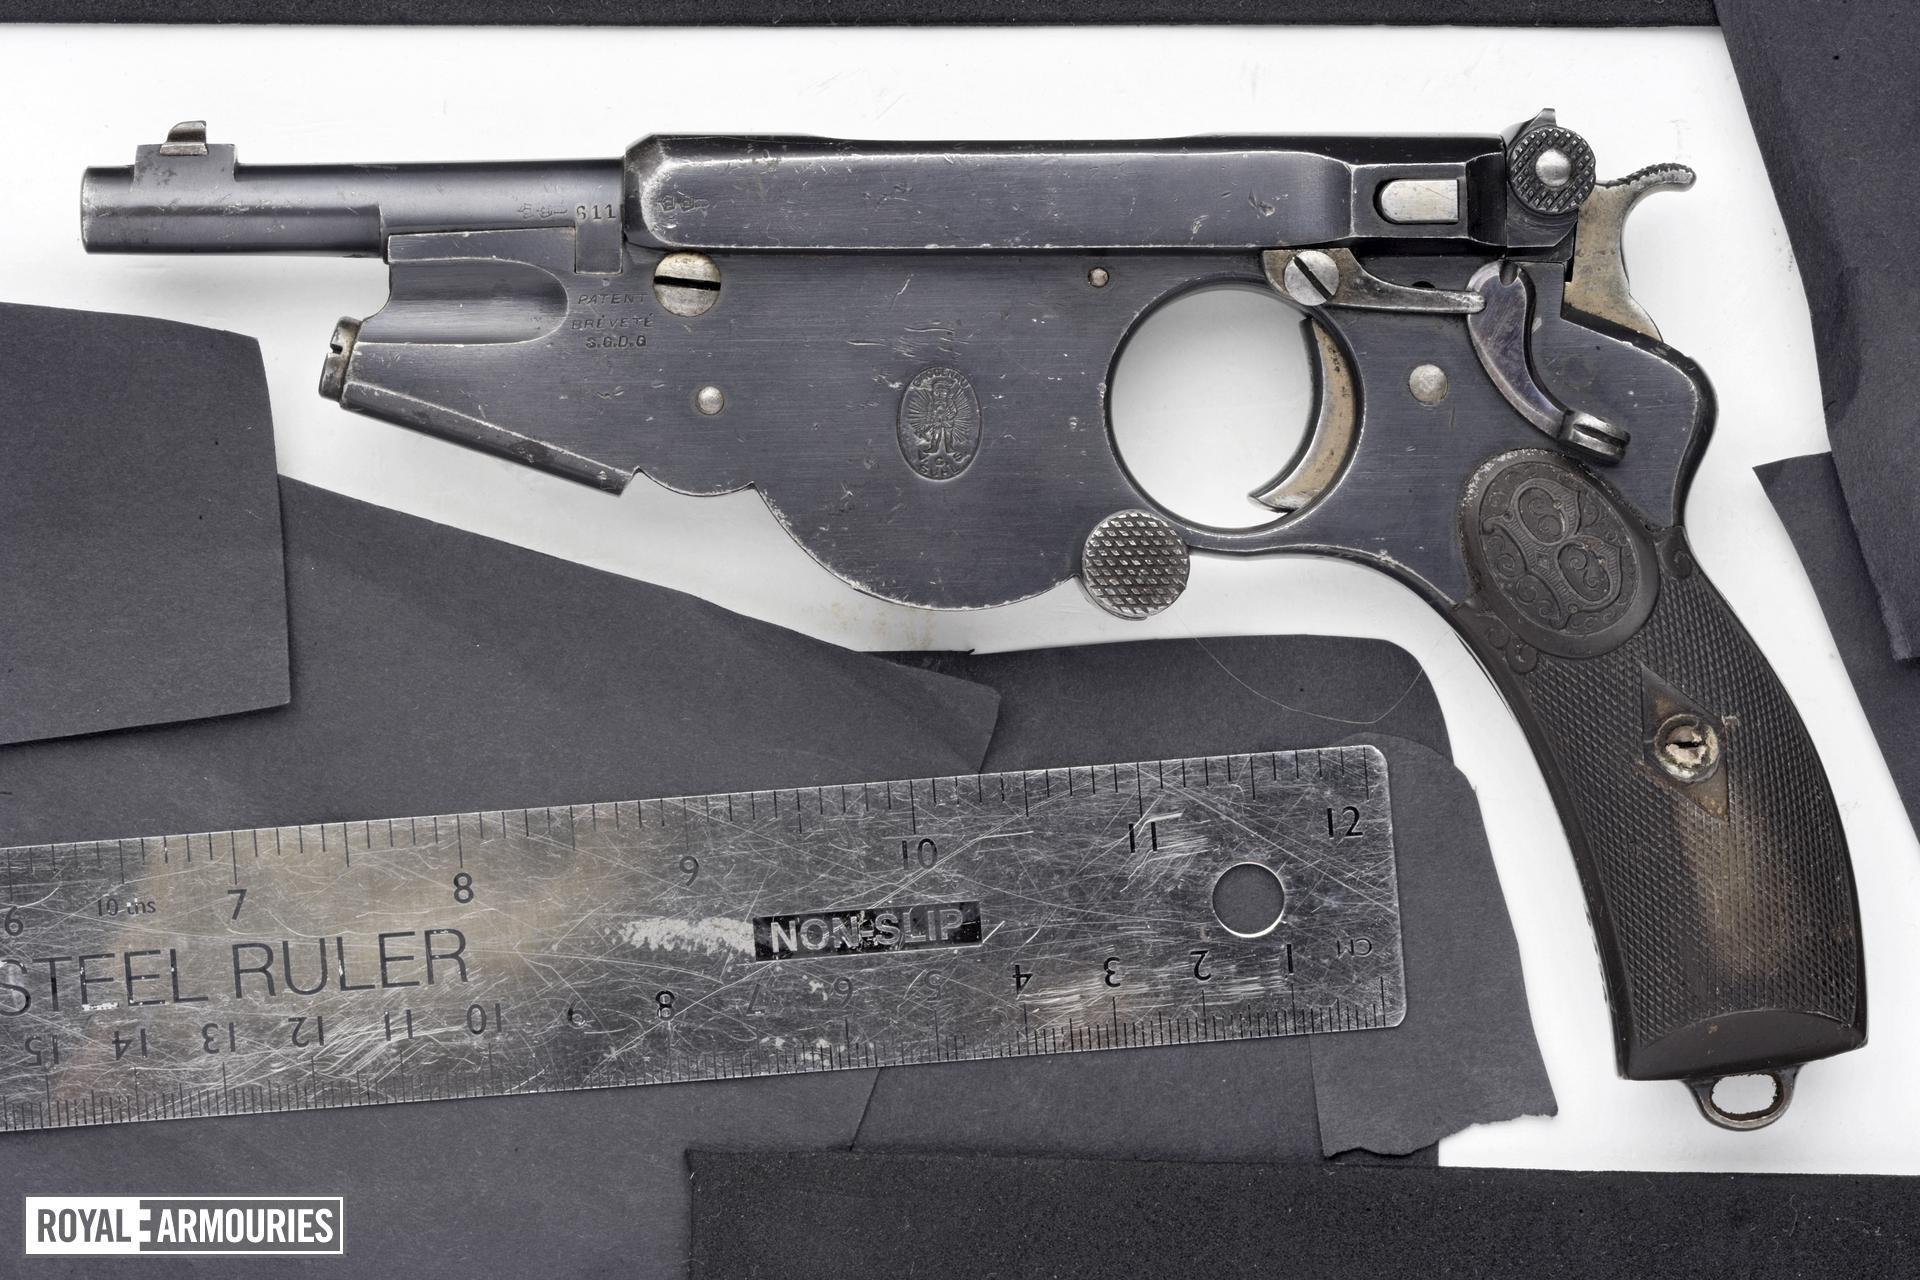 Centrefire self-loading pistol - Bergmann Model 1896 No.2